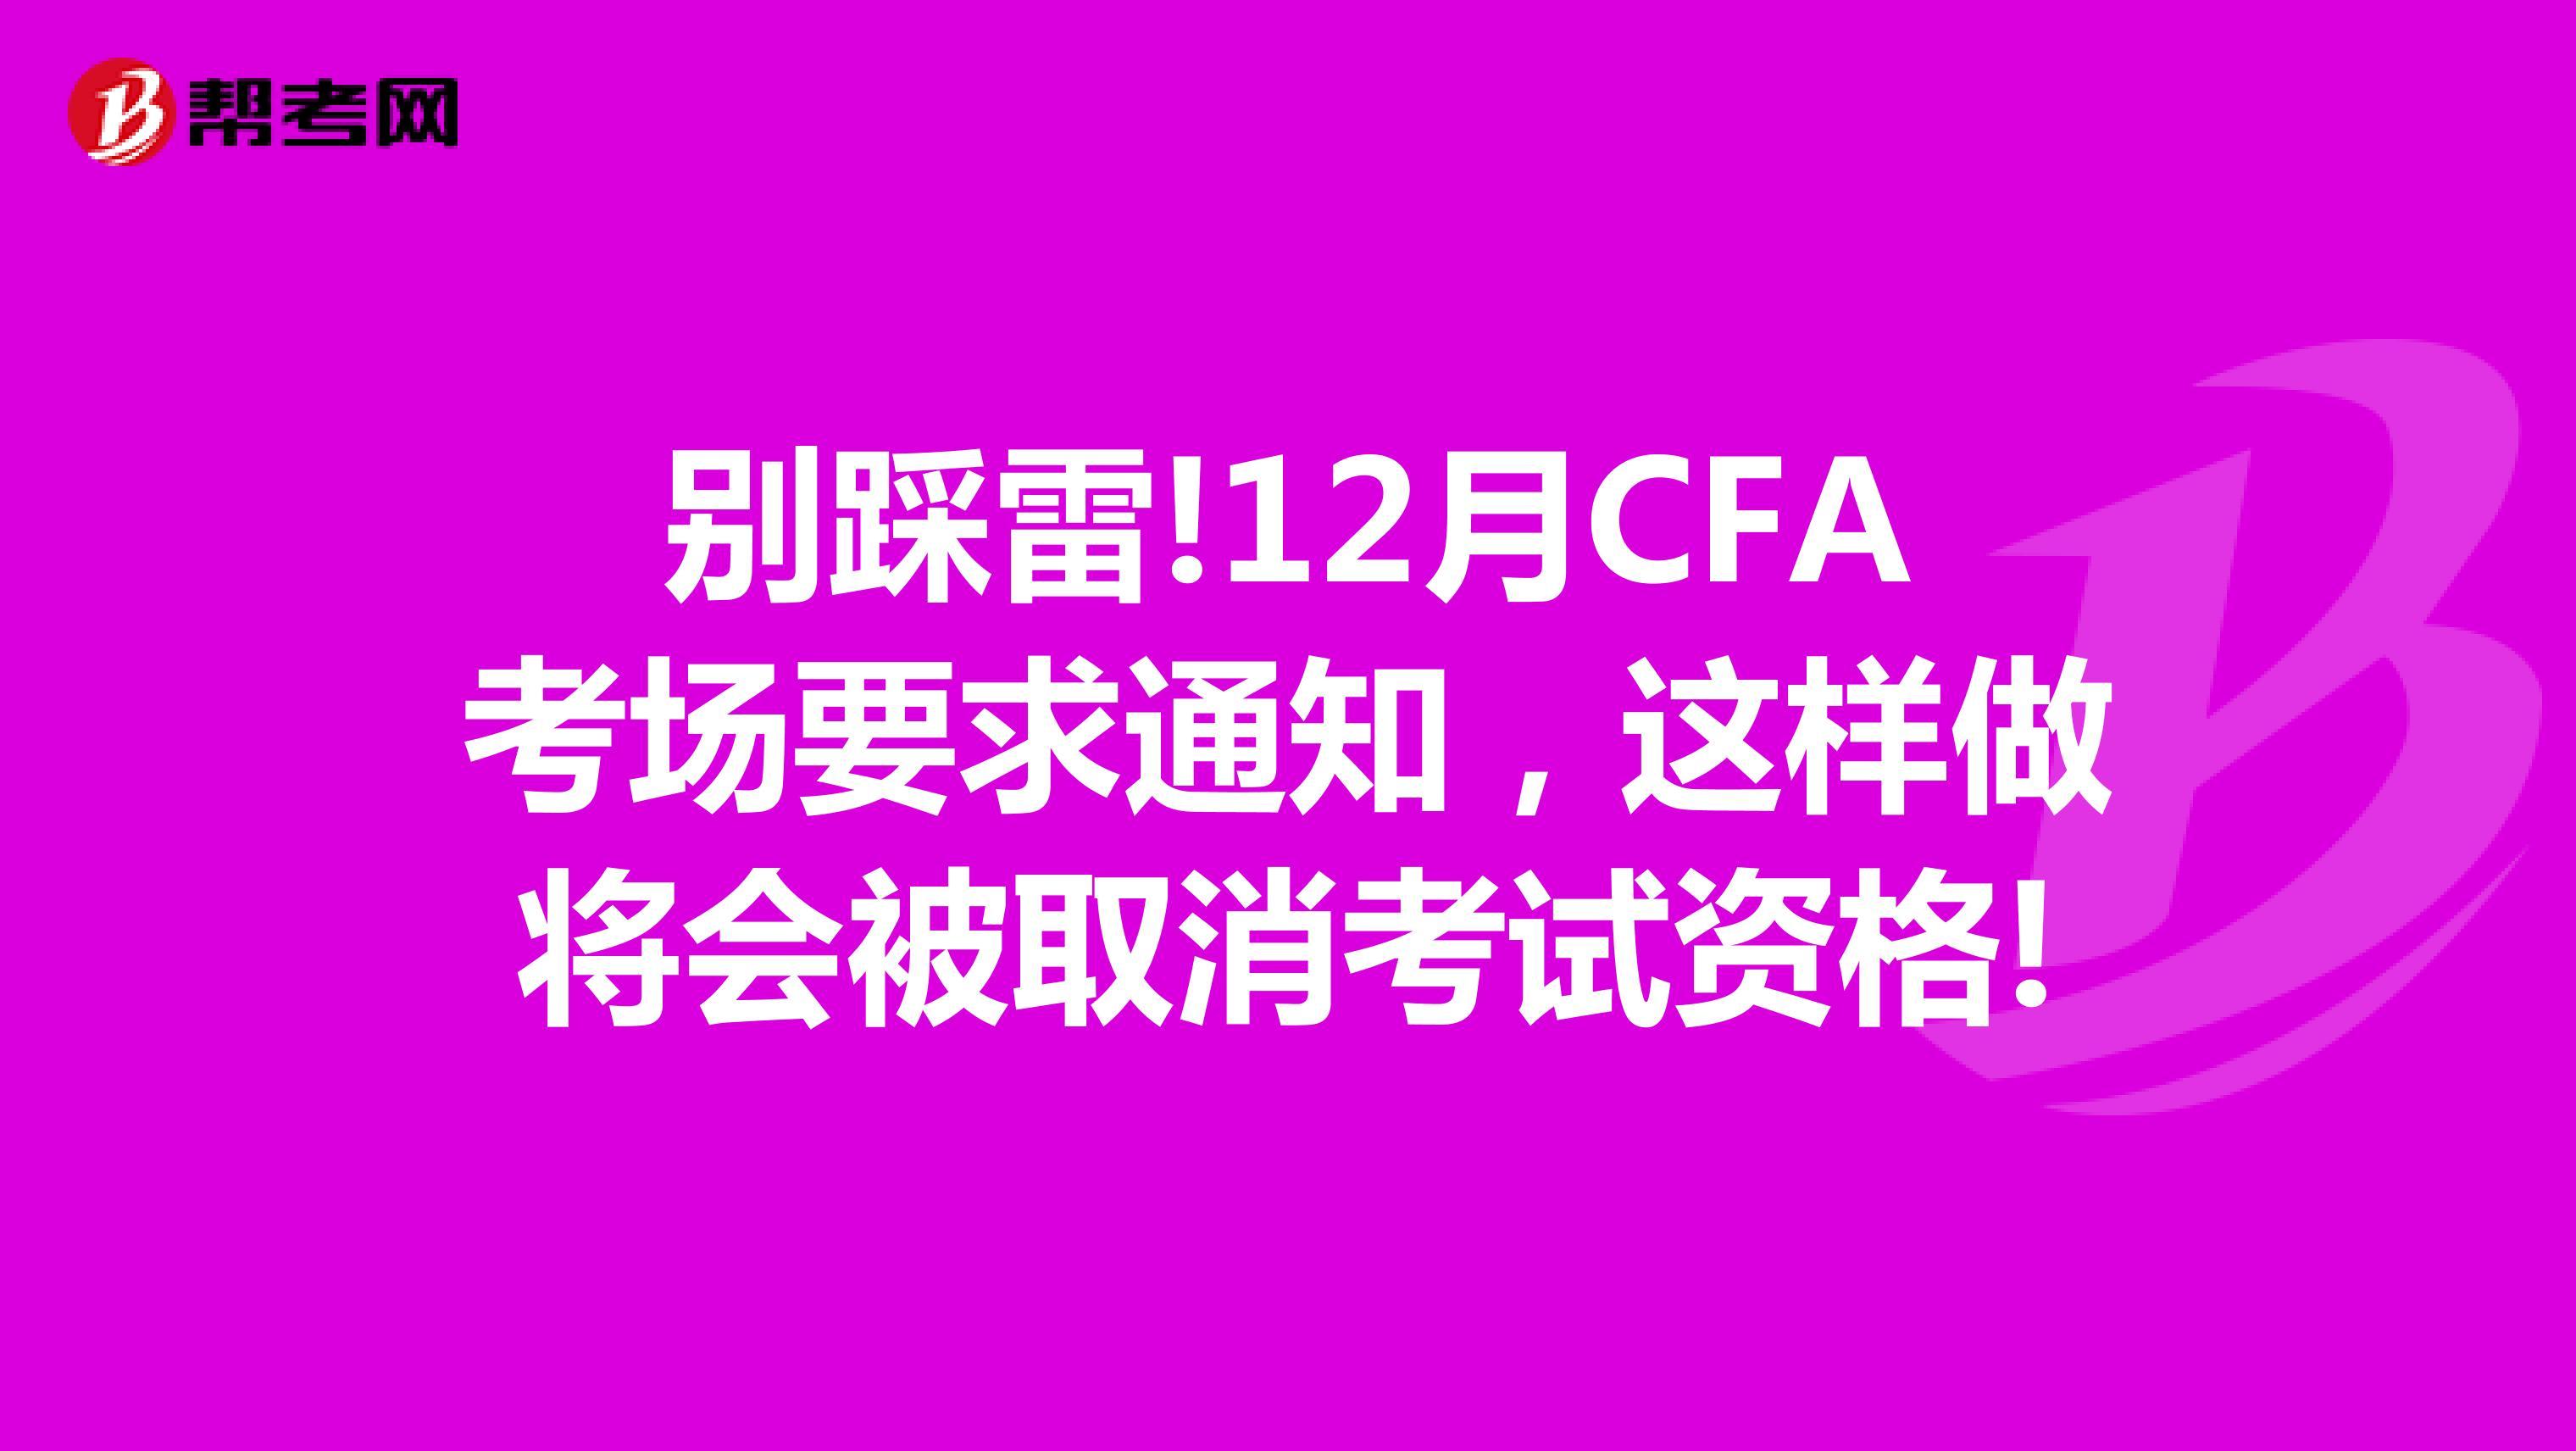 别踩雷!12月CFA考场要求通知,这样做将会被取消考试资格!